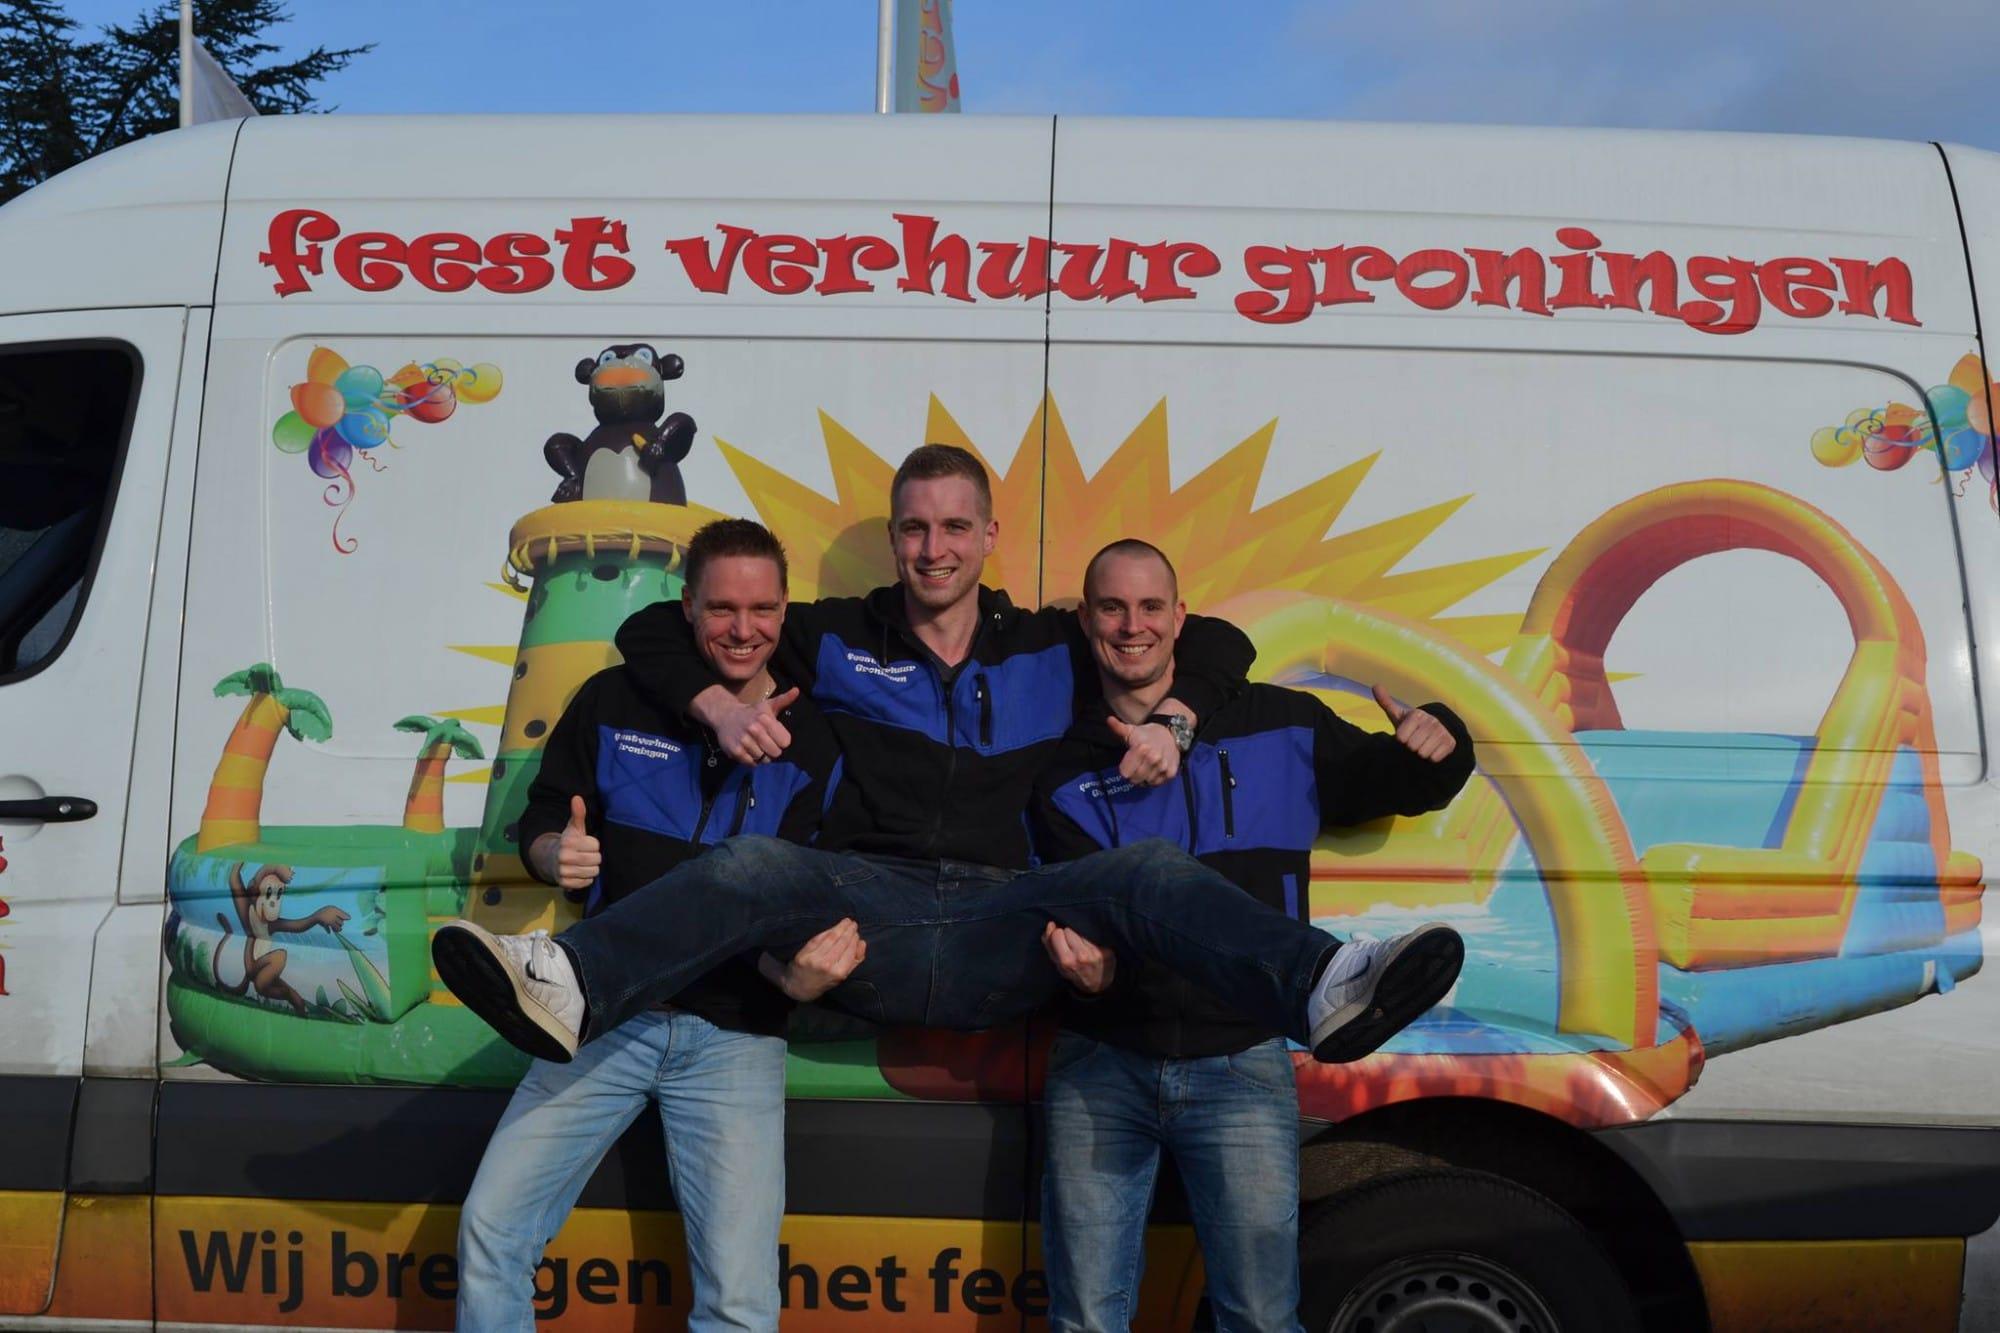 Feestverhuur Groningen - Wij brengen u het feest